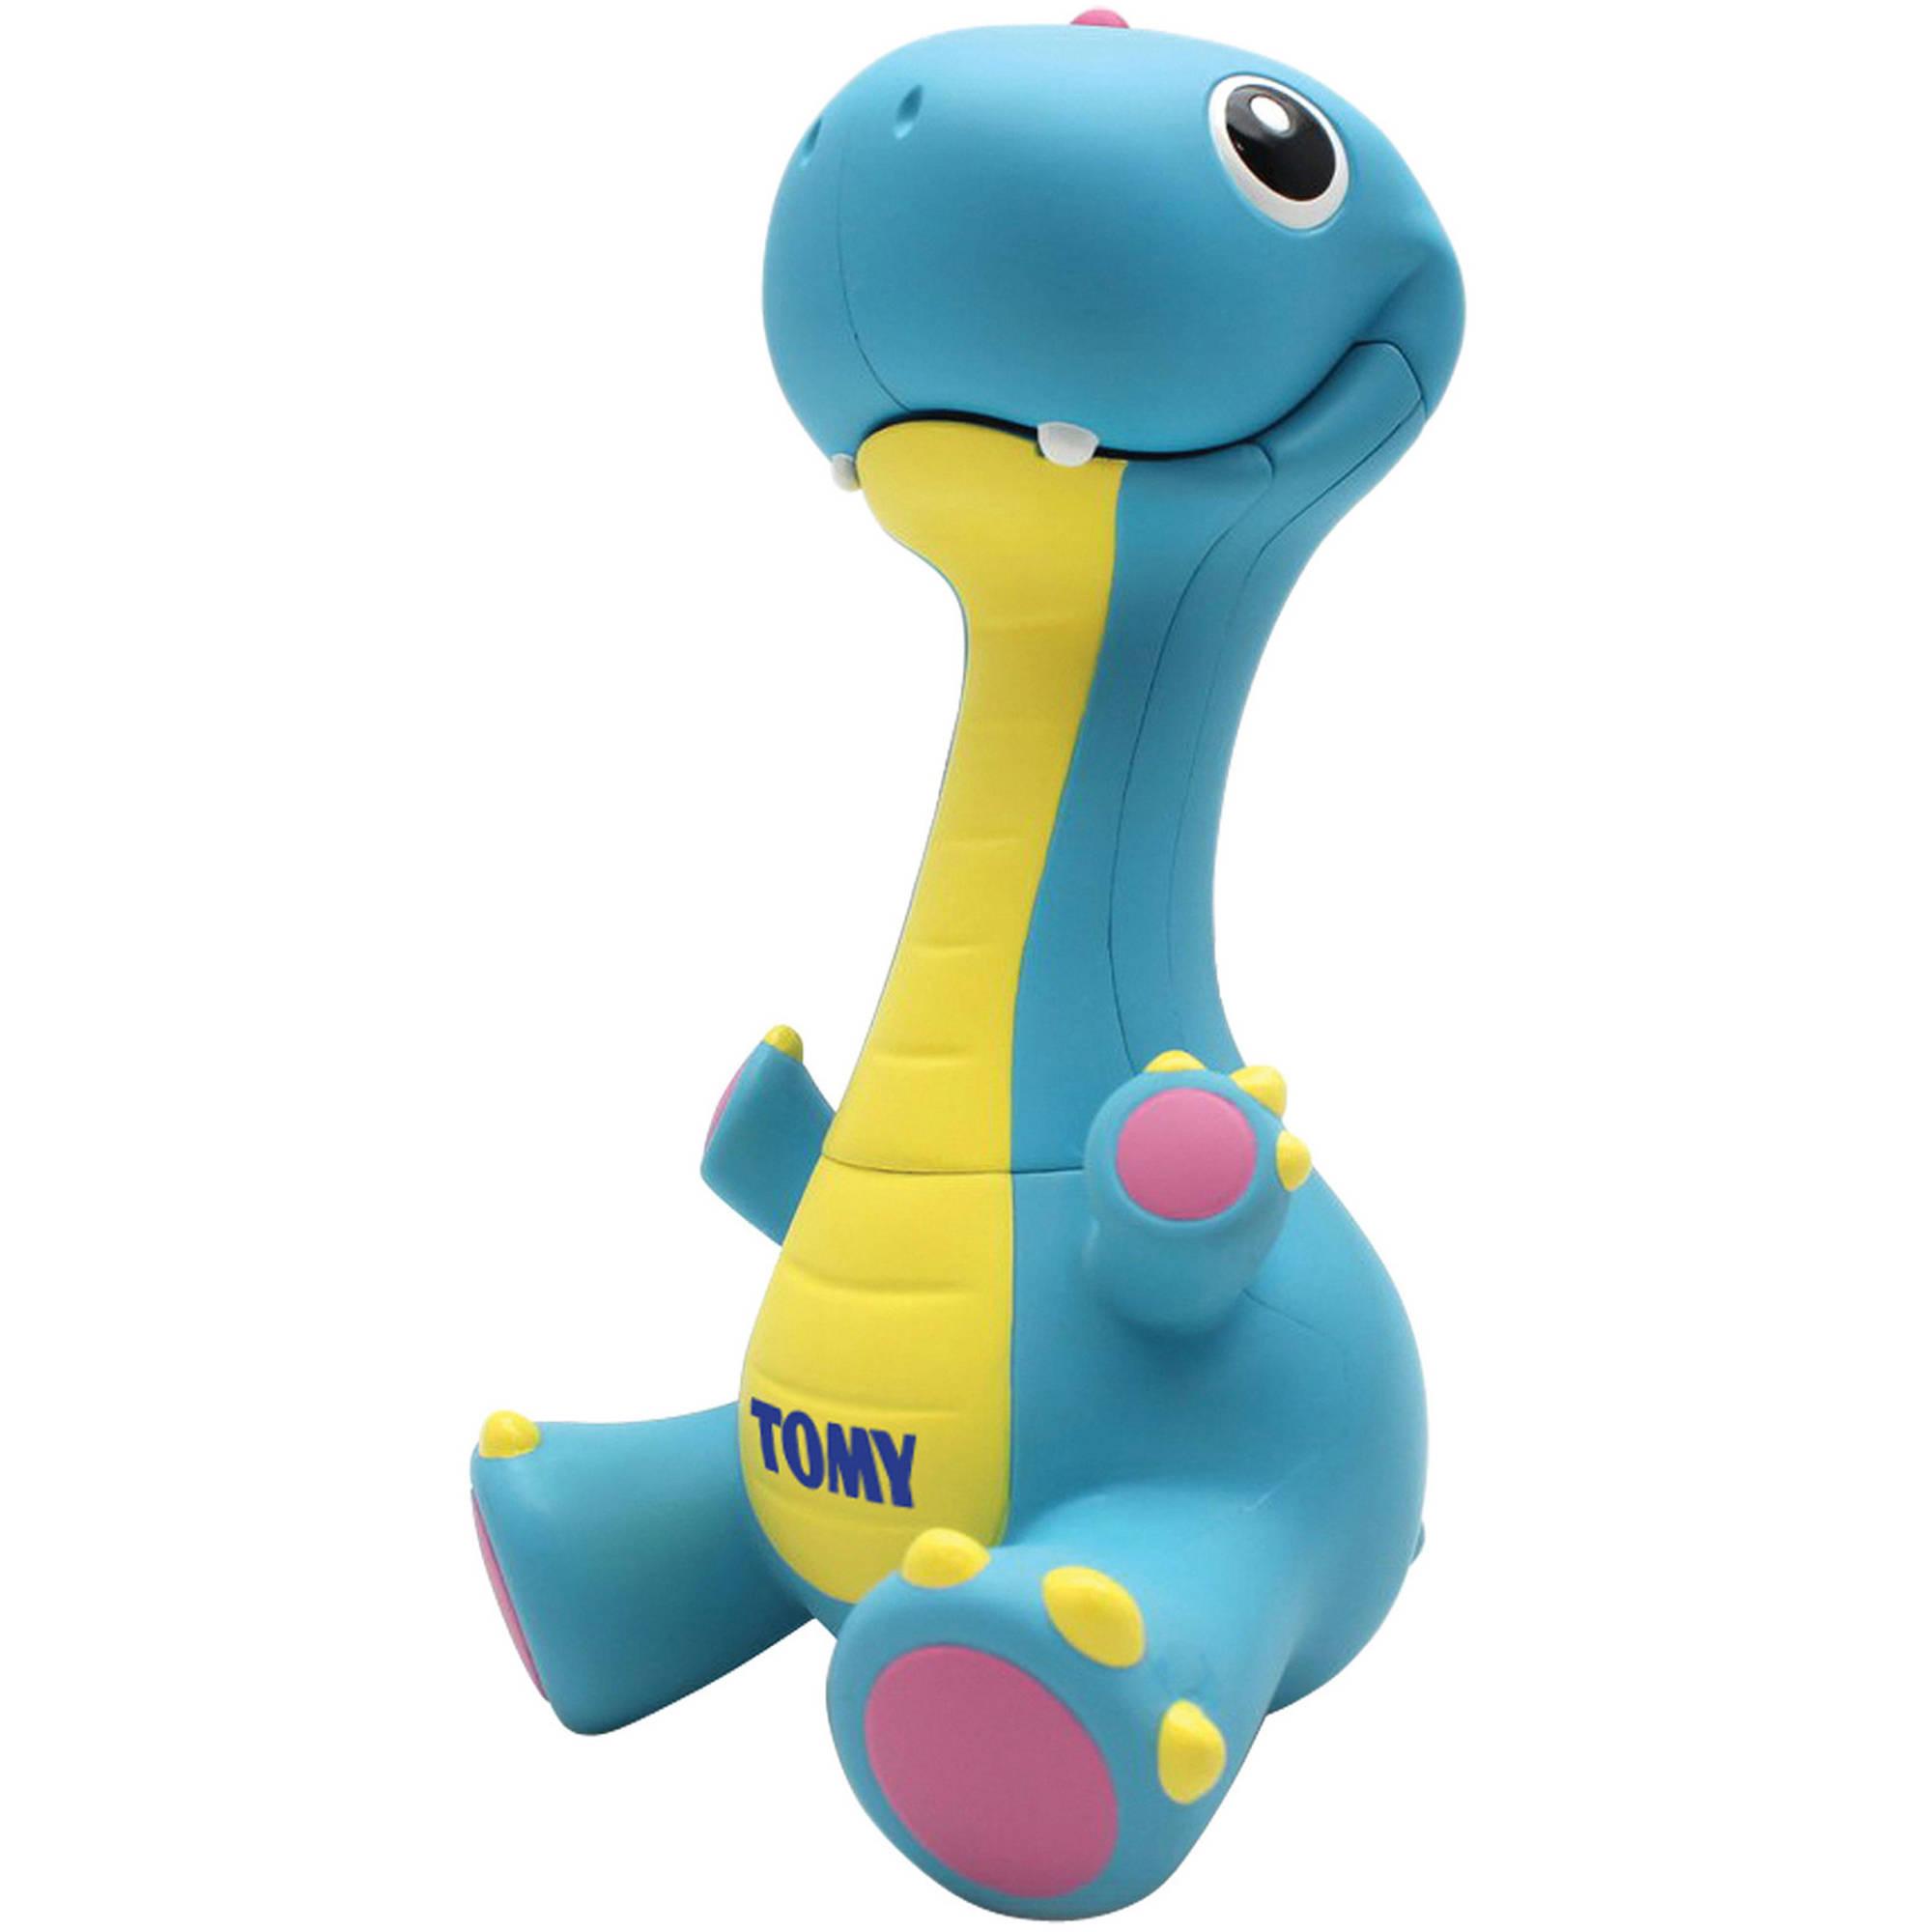 Интерактивная игрушка  Рычащий Динозавр - Интерактив для малышей, артикул: 156668